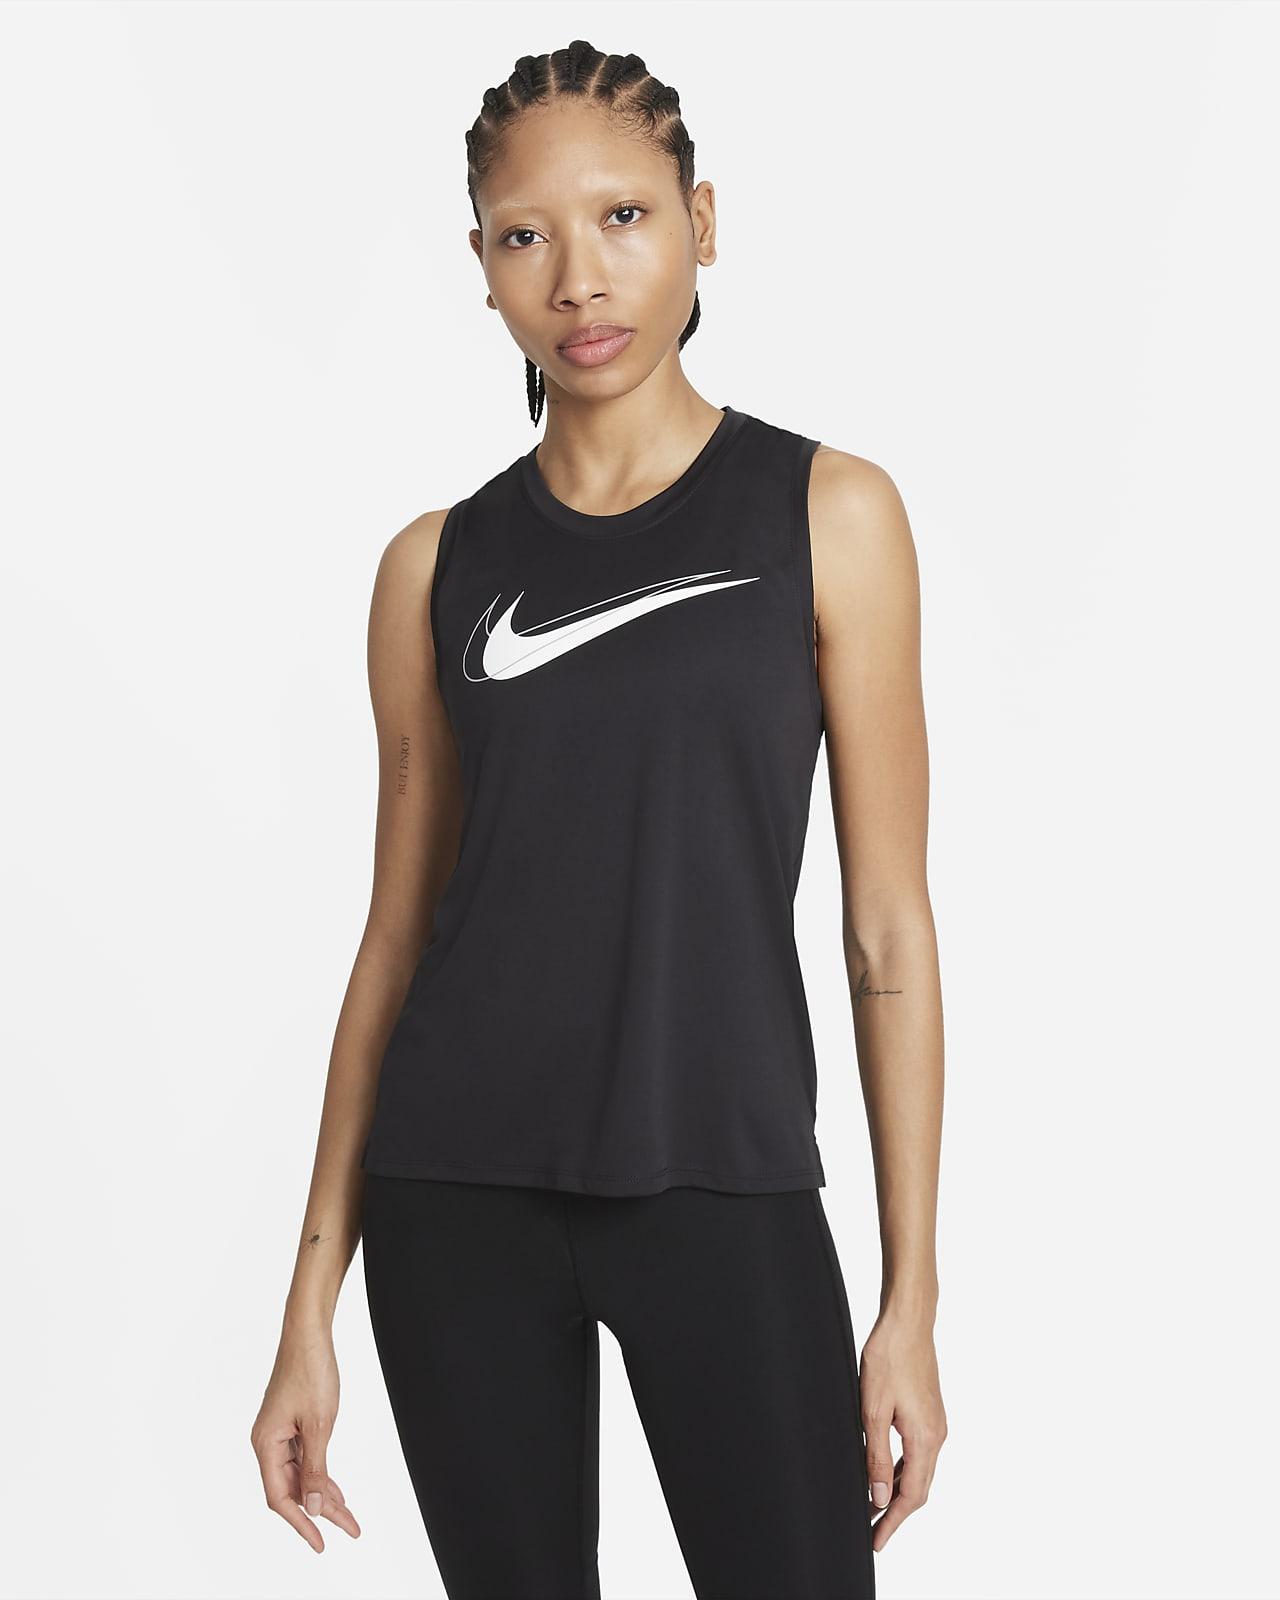 Γυναικείο φανελάκι για τρέξιμο Nike Dri-FIT Swoosh Run